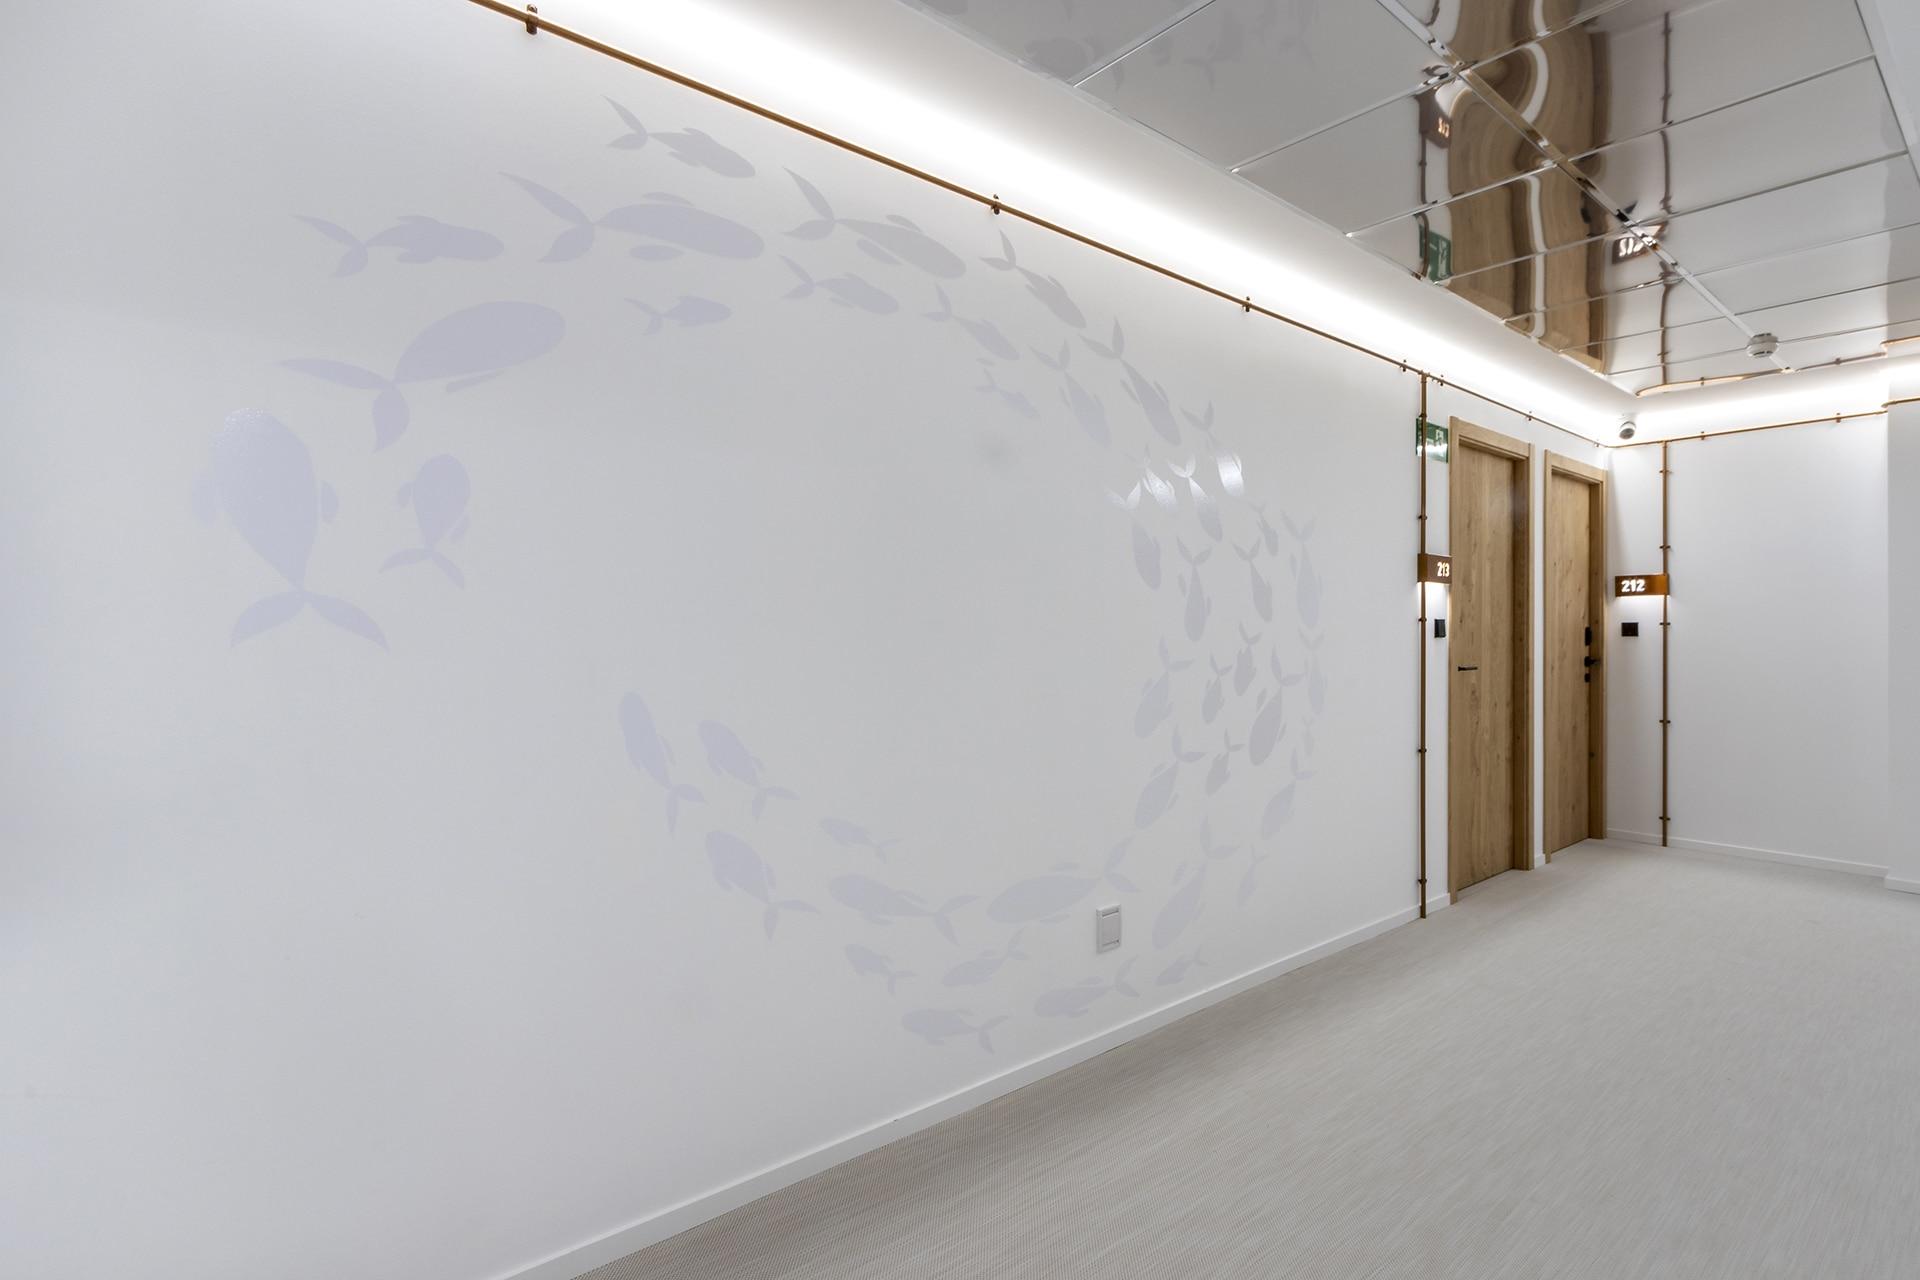 Silgar92_Hotel_Hallway